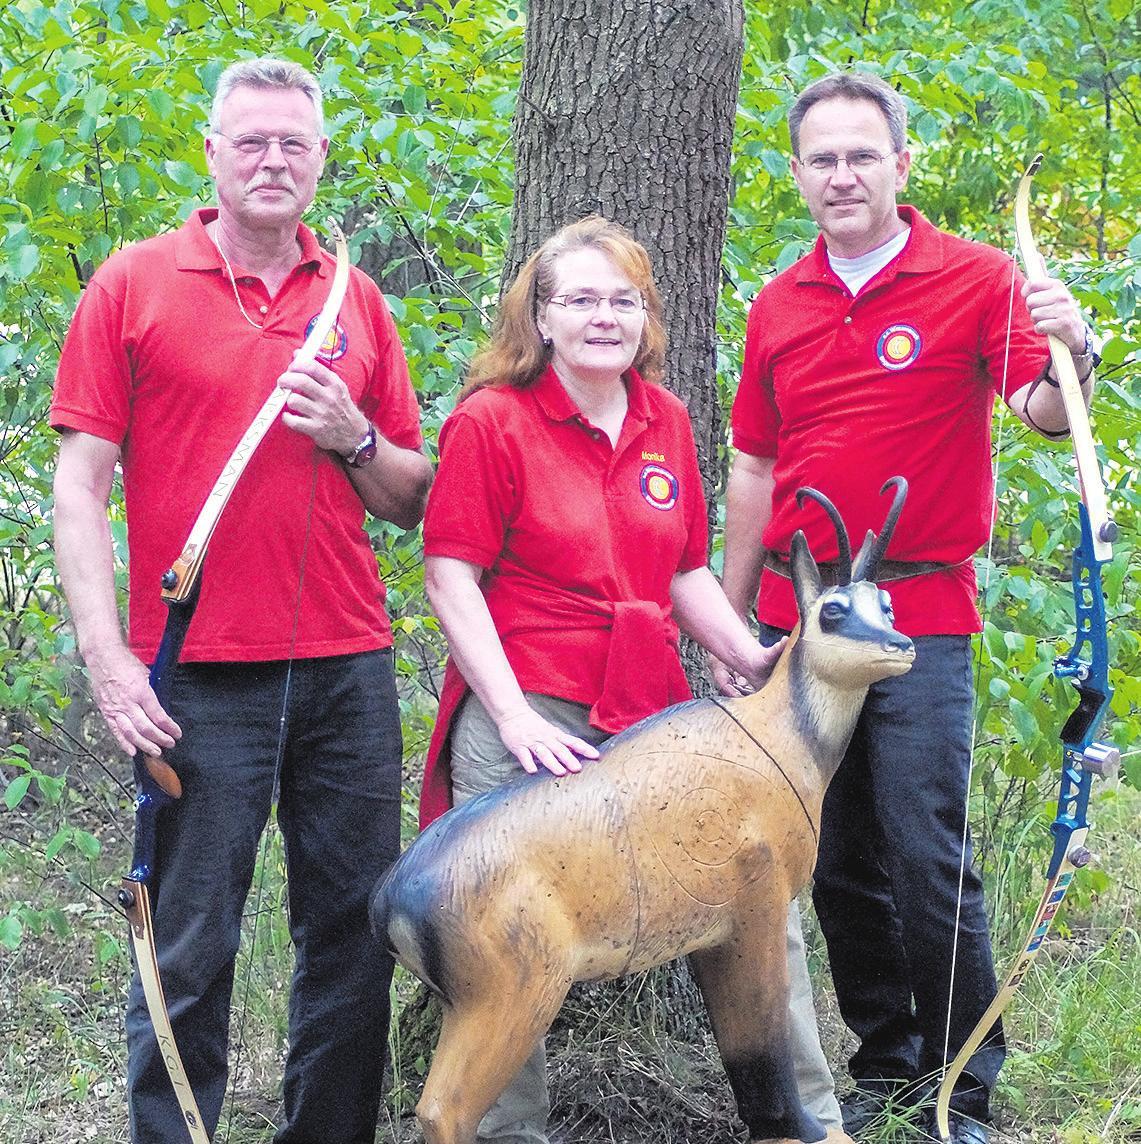 Ulrich Paape (von links), Monika Gehrke und Teja Müller freuen sich über eine erfolgreiche Landesmeisterschaft. Foto: Nico Müller